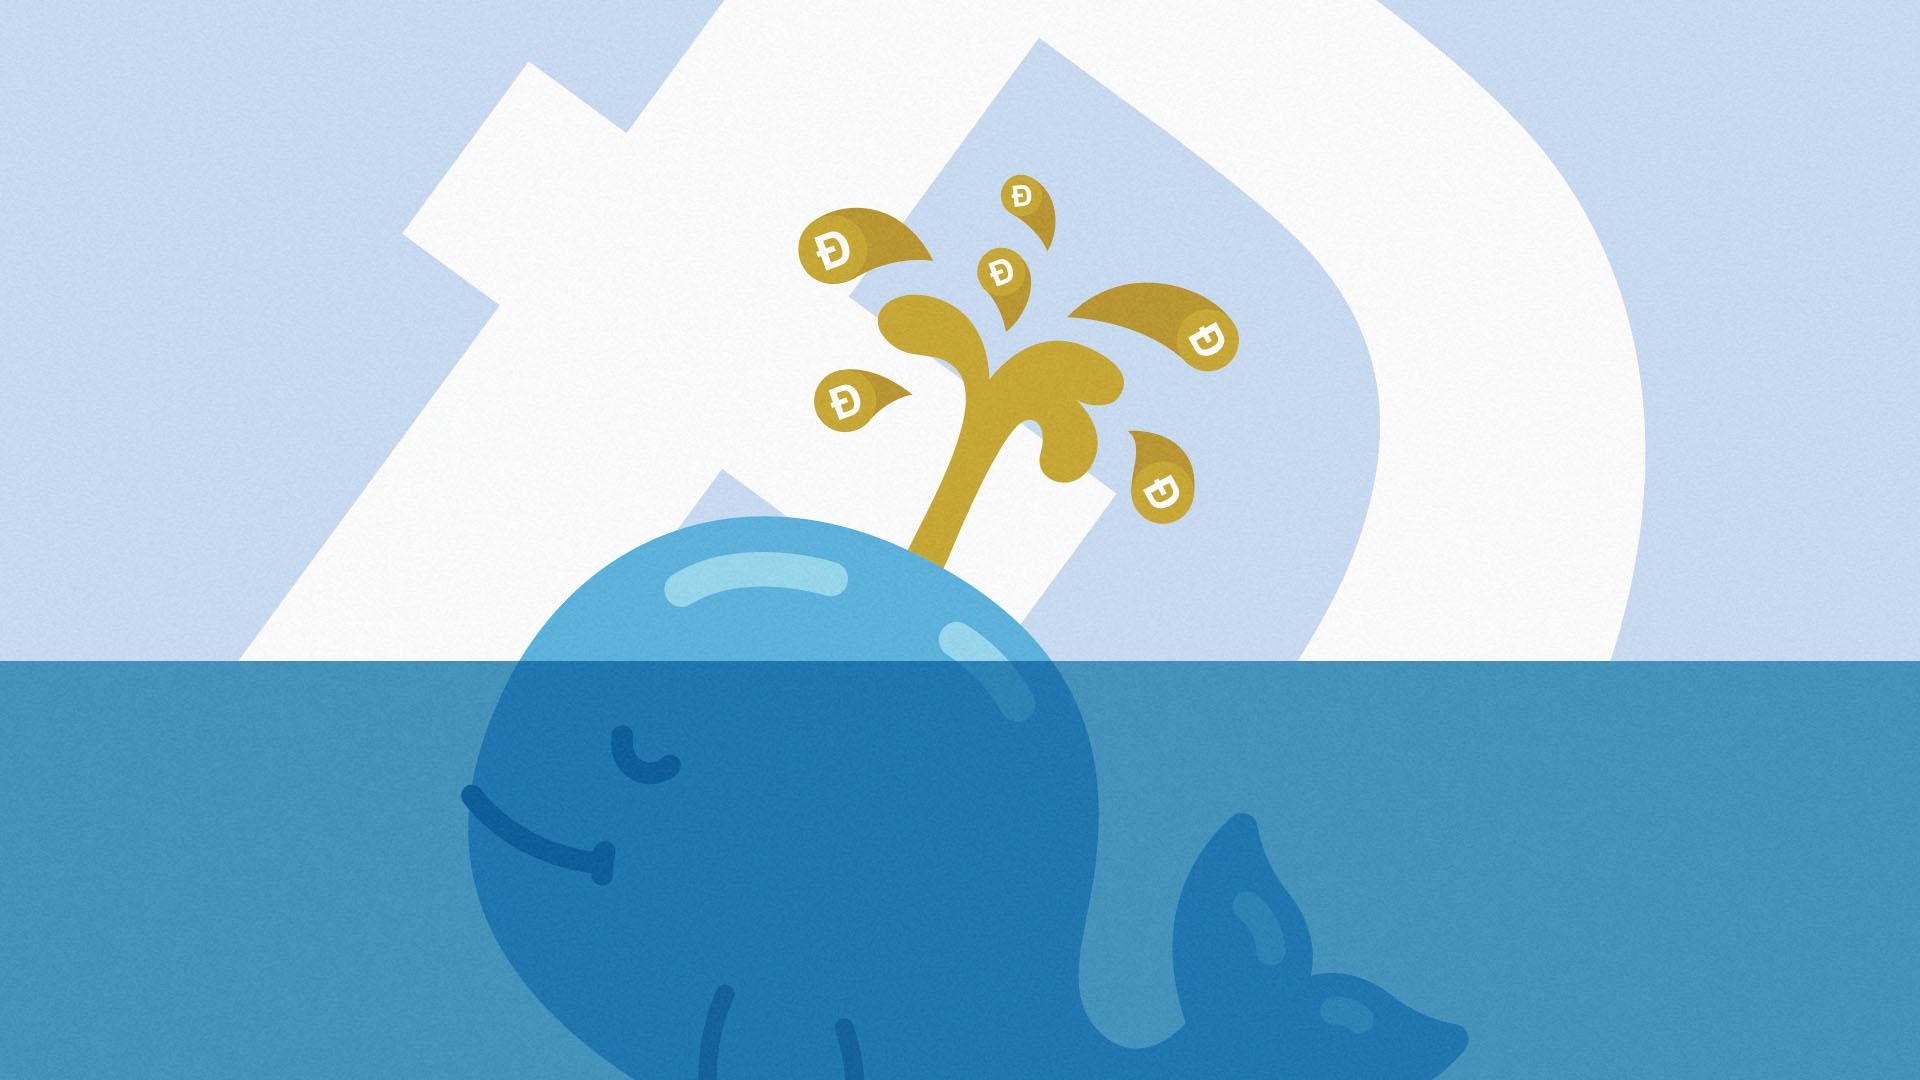 Hoạt động của cá voi Dogecoin chậm lại khi hàng tỷ đô la rời khỏi cuộc chơi